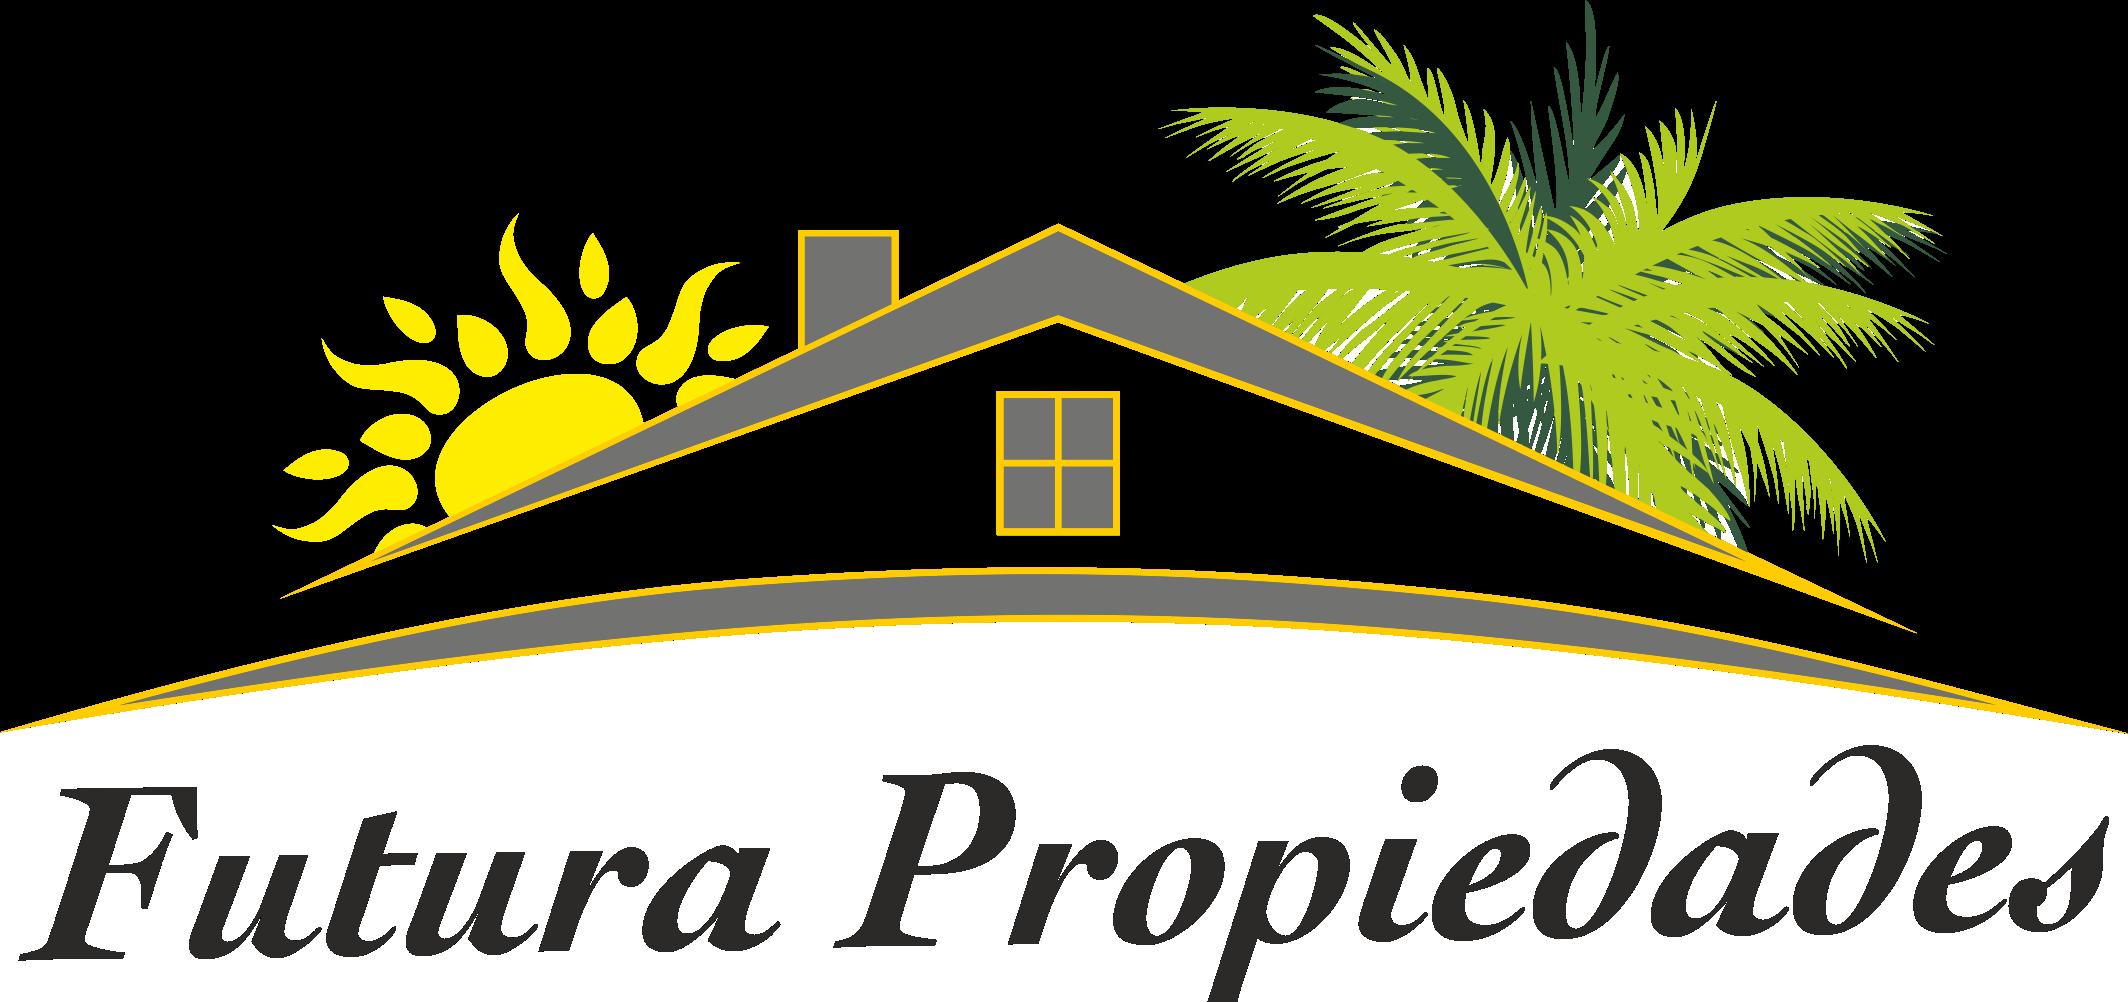 Parcela/Finca en venta en Puerto del Carmen, Tias, Lanzarote ...